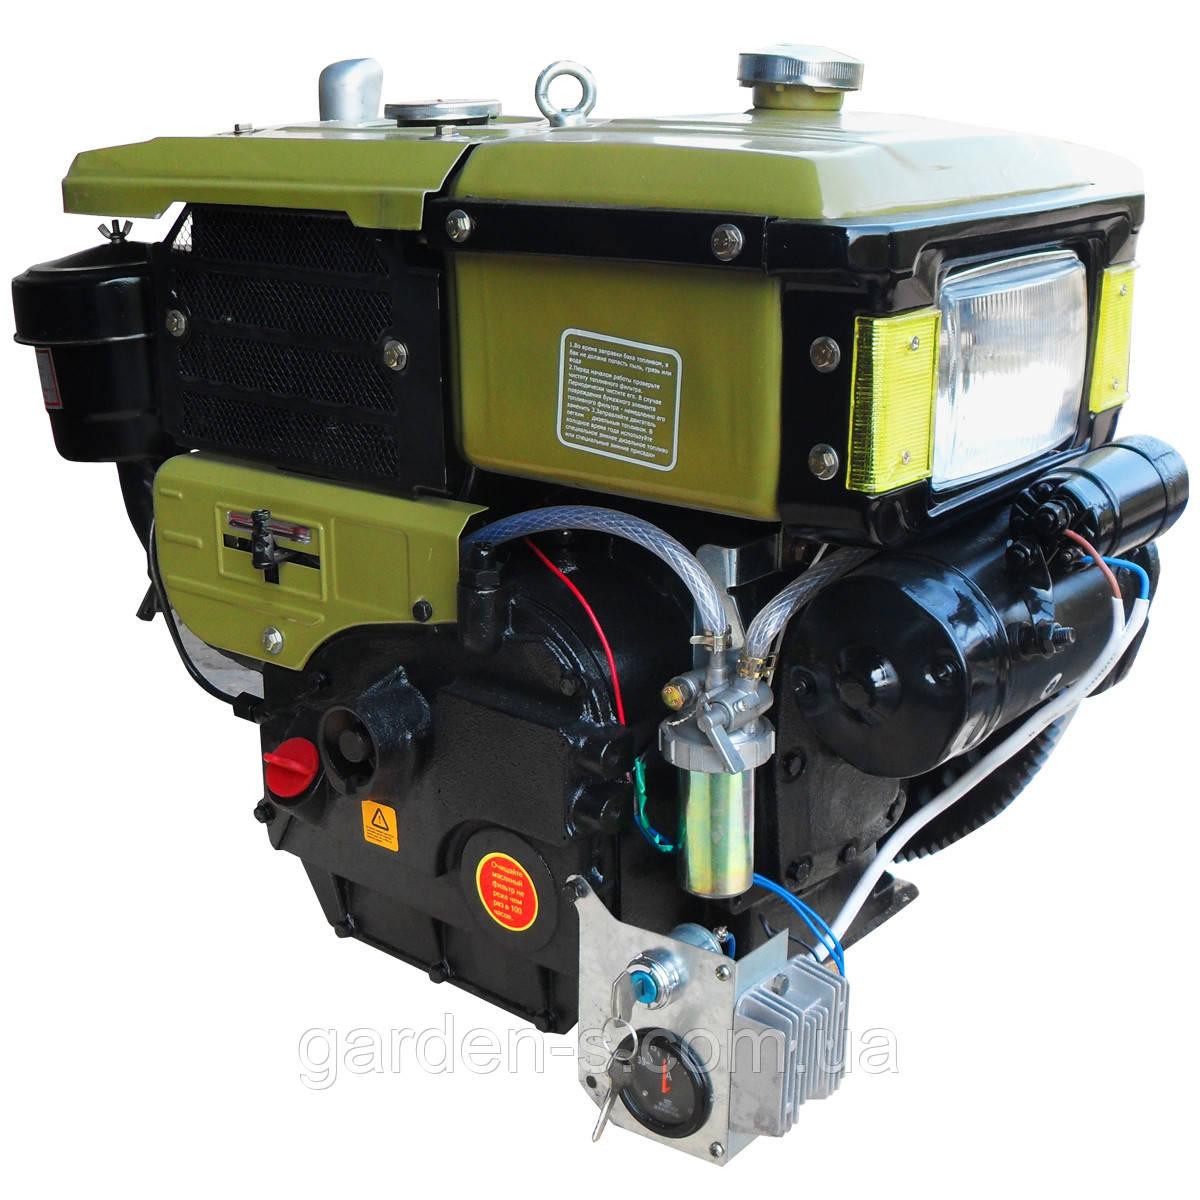 Дизельный двигатель Кентавр ДД190ВЭ 10 лс (с электростартером)